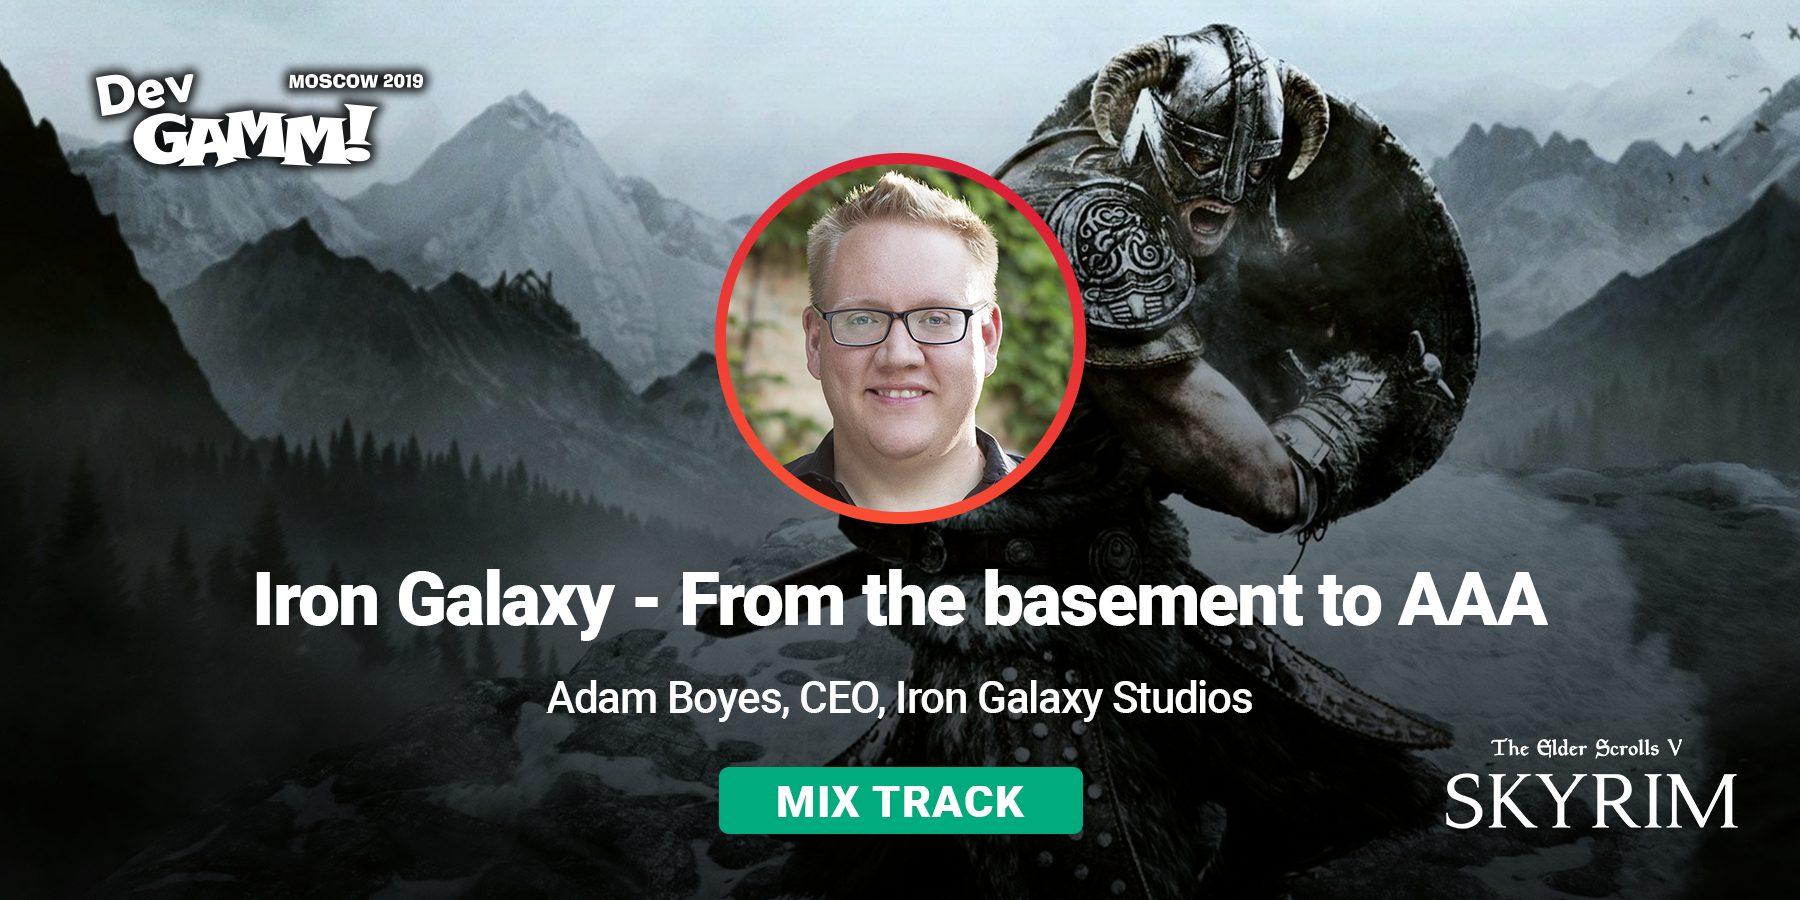 Топ-доклад от Адама Бойса & категория Mix